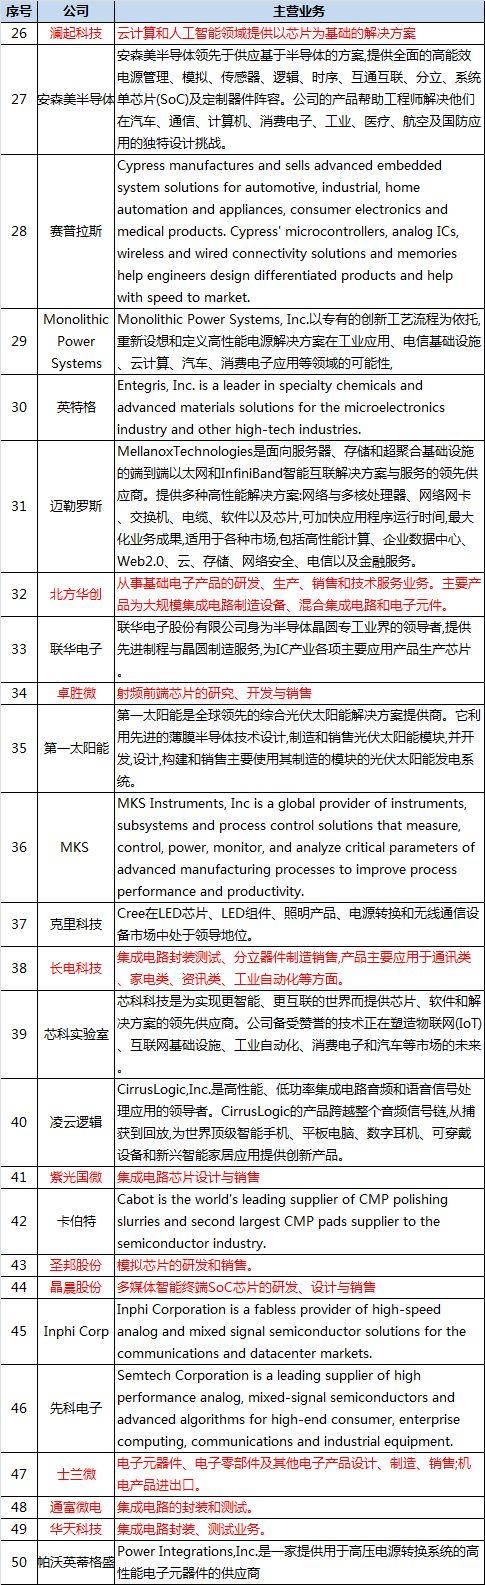 中美半导体上市公司市值大PK(附名单)